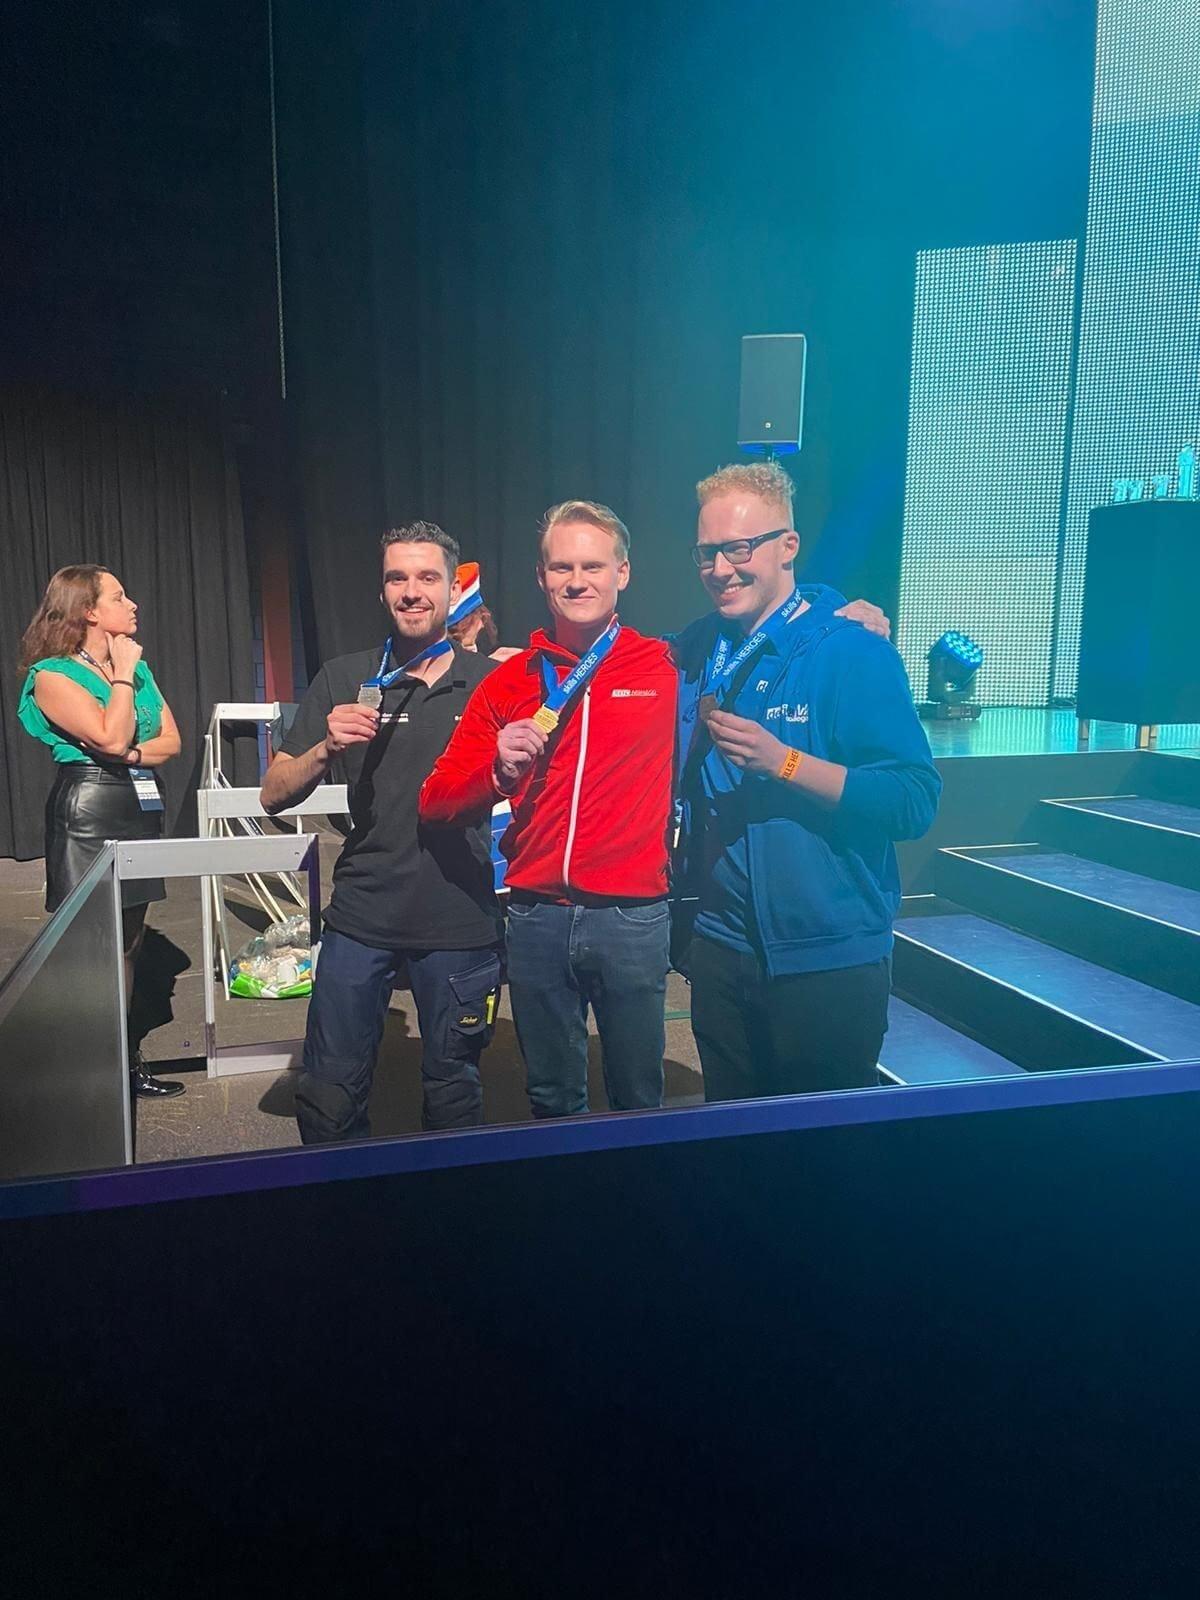 Matthijs Mulders wint zilver bij Skills Heroes